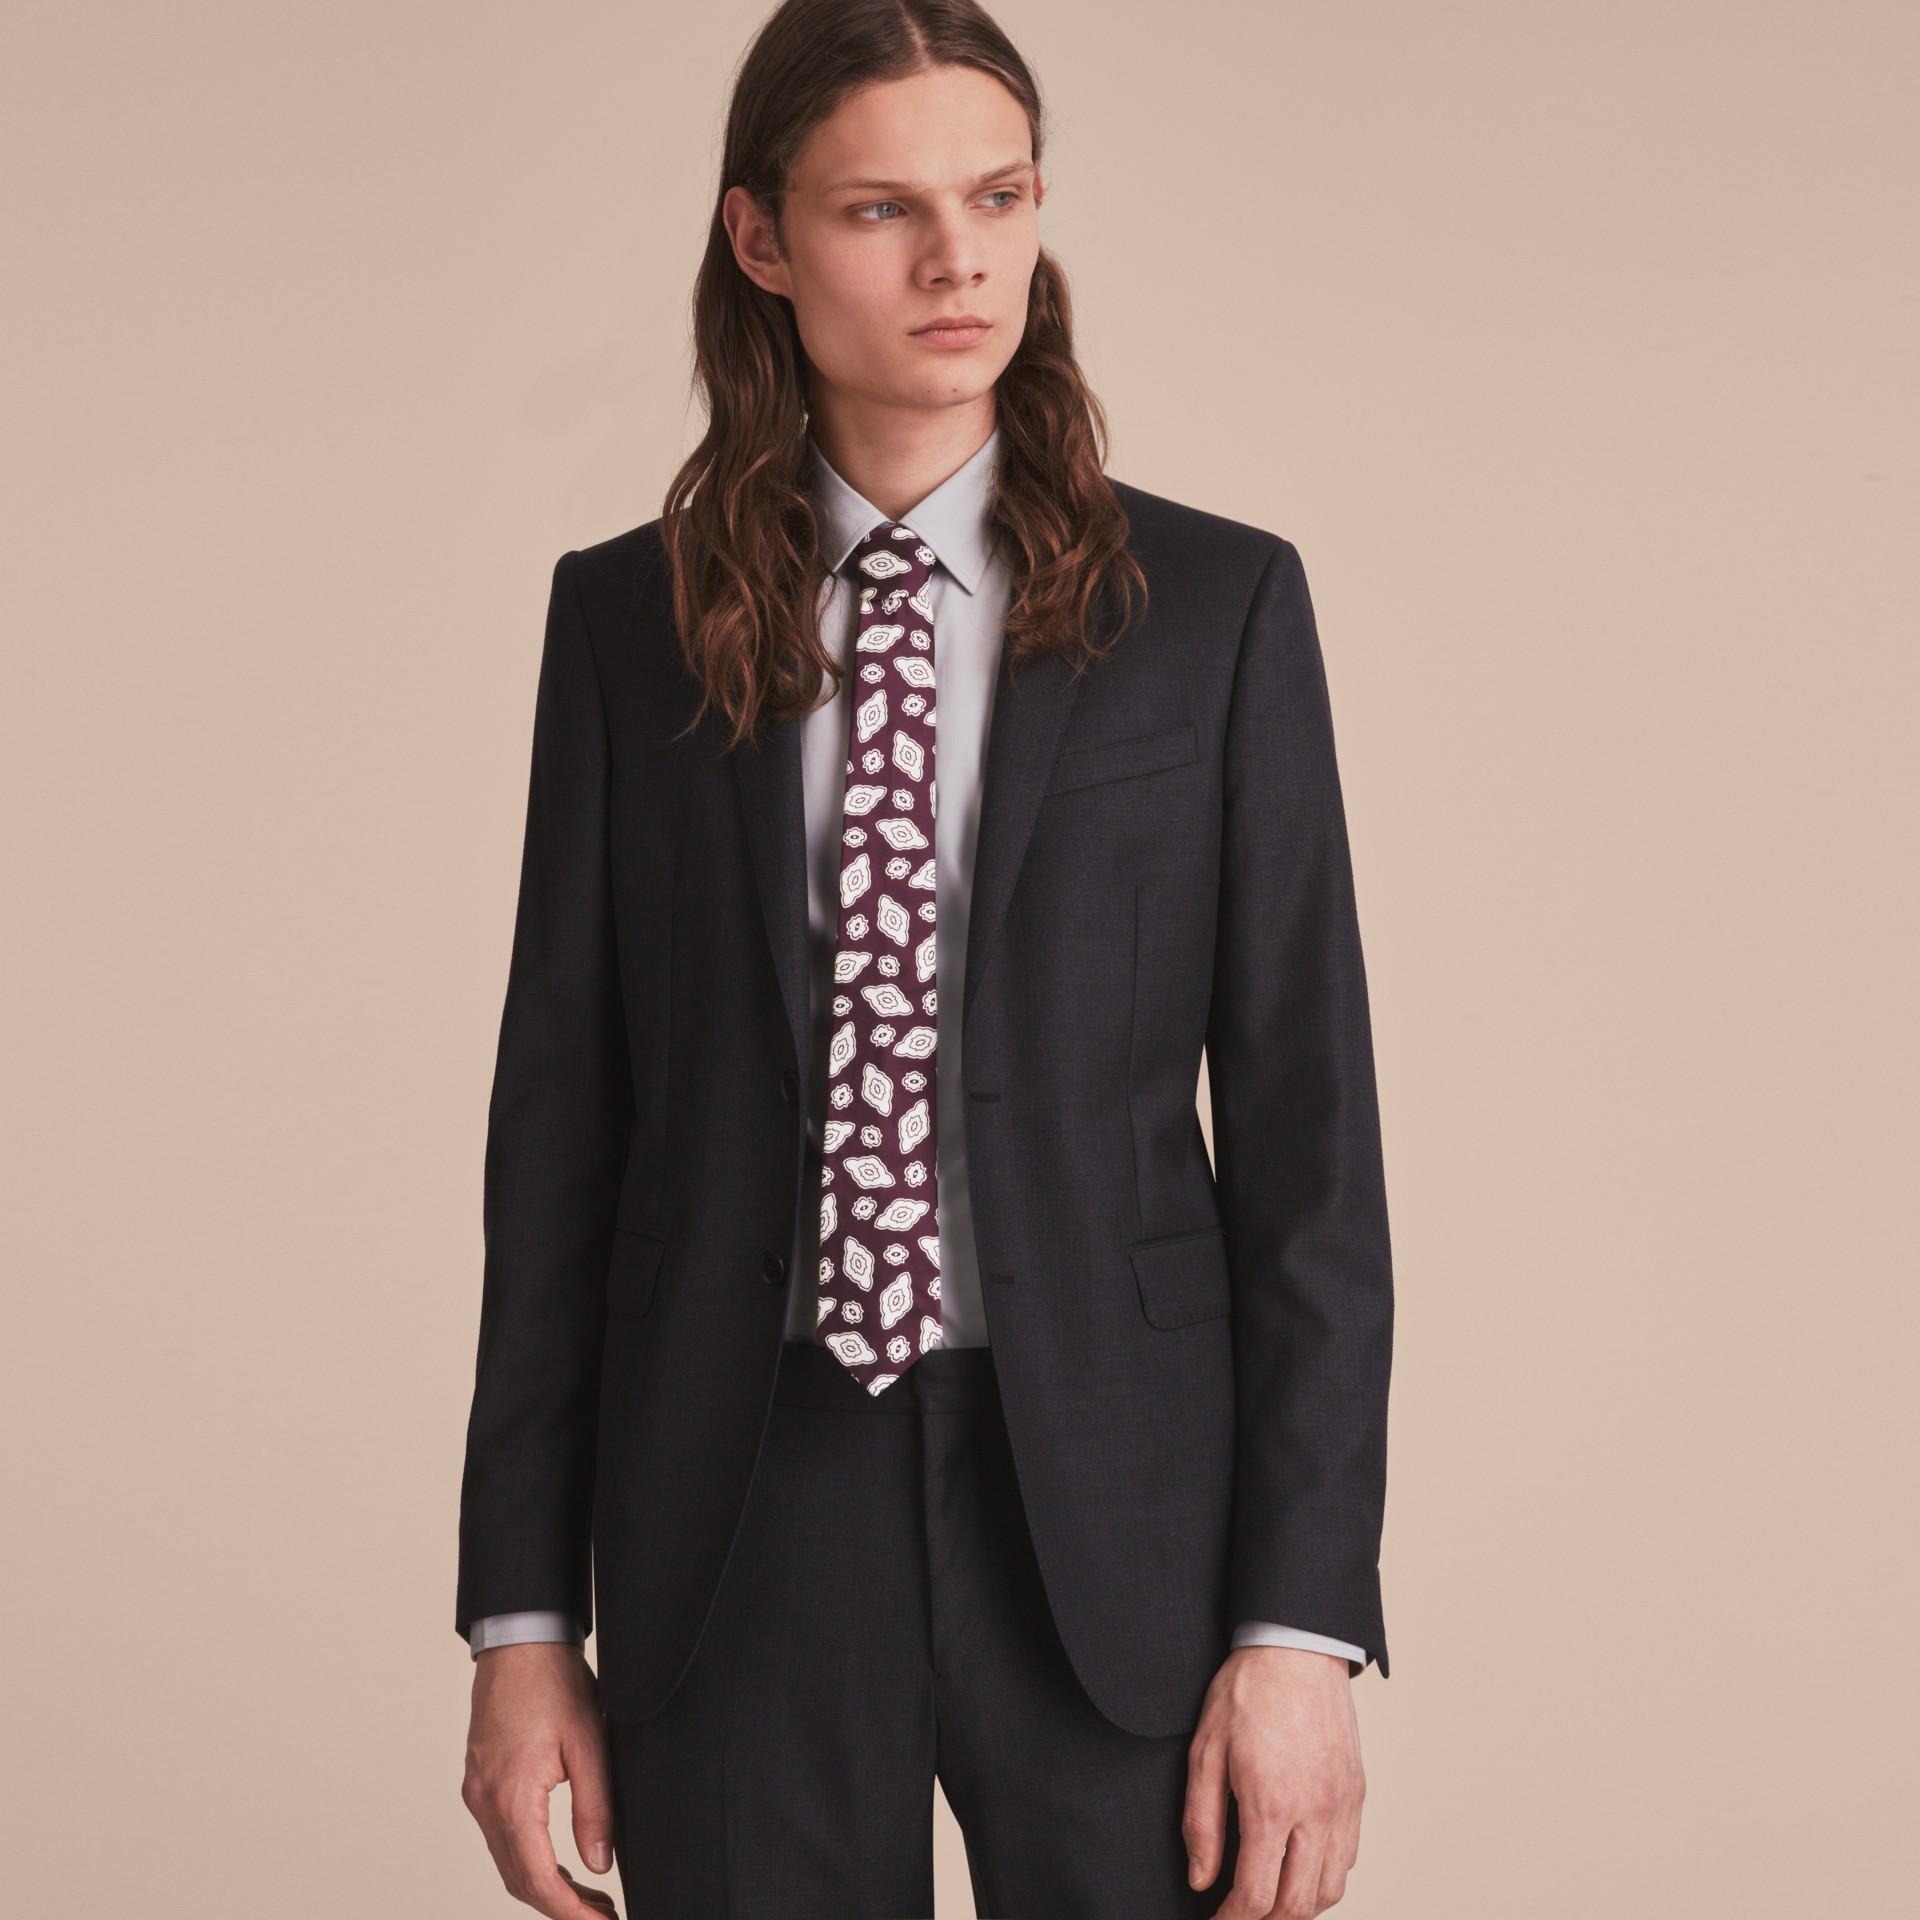 Modern geschnittene Krawatte aus Seidenjacquard mit geometrischem Muster Violett-schwarz - Galerie-Bild 3